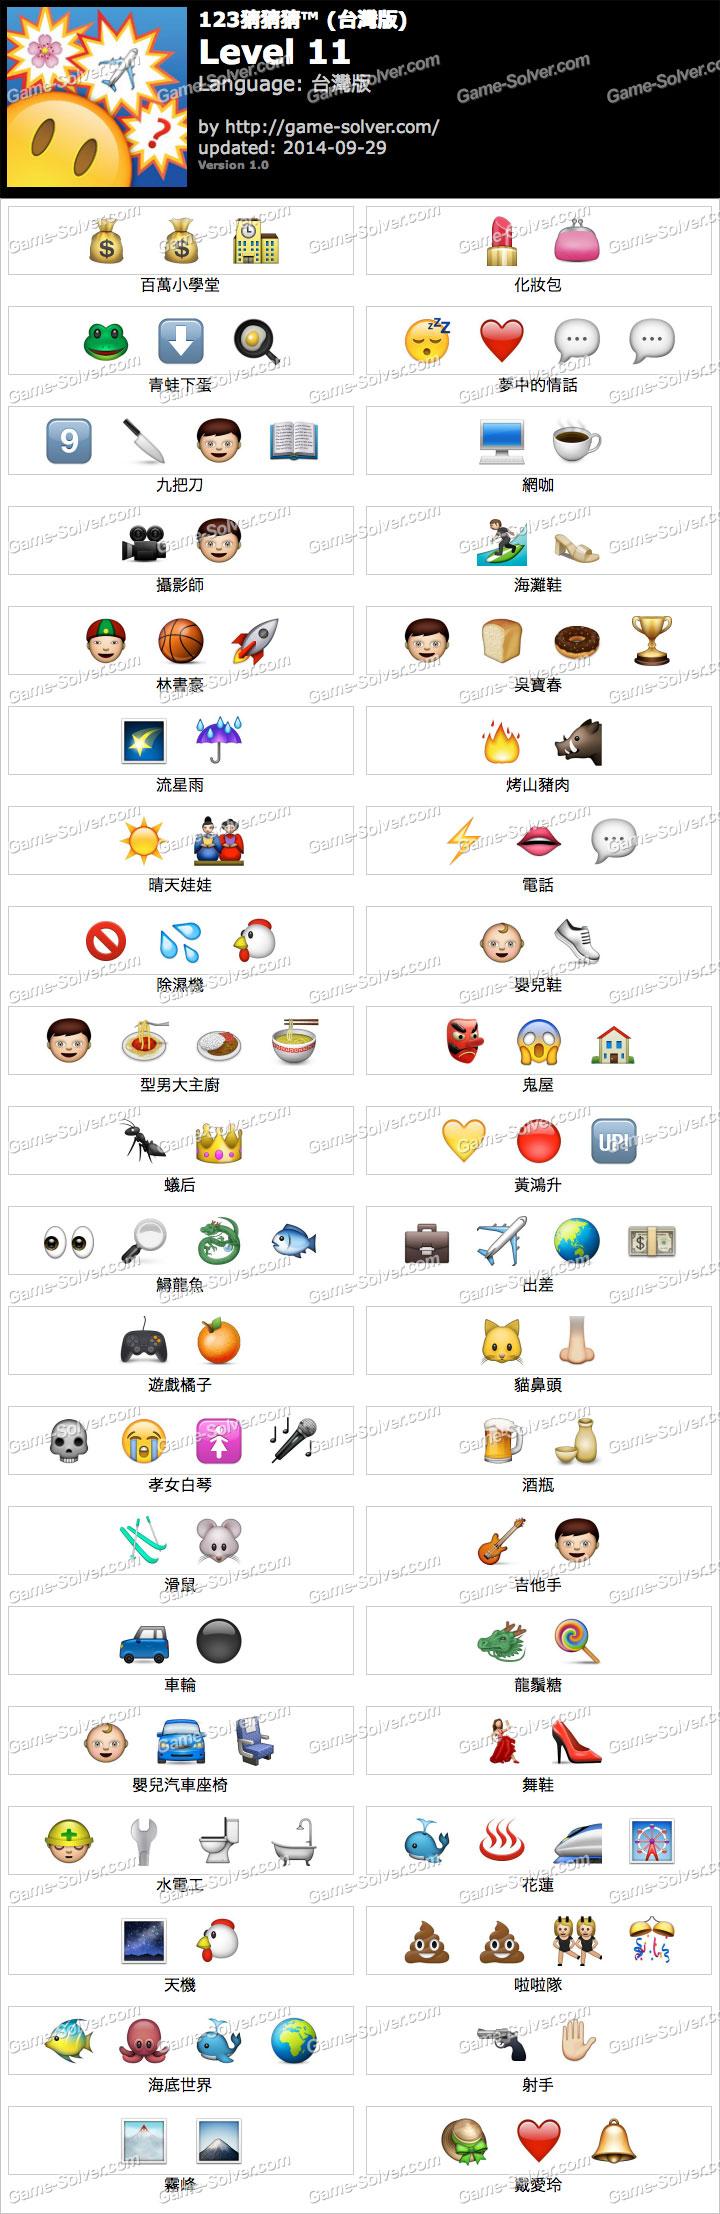 123猜猜猜台灣版答案等級11